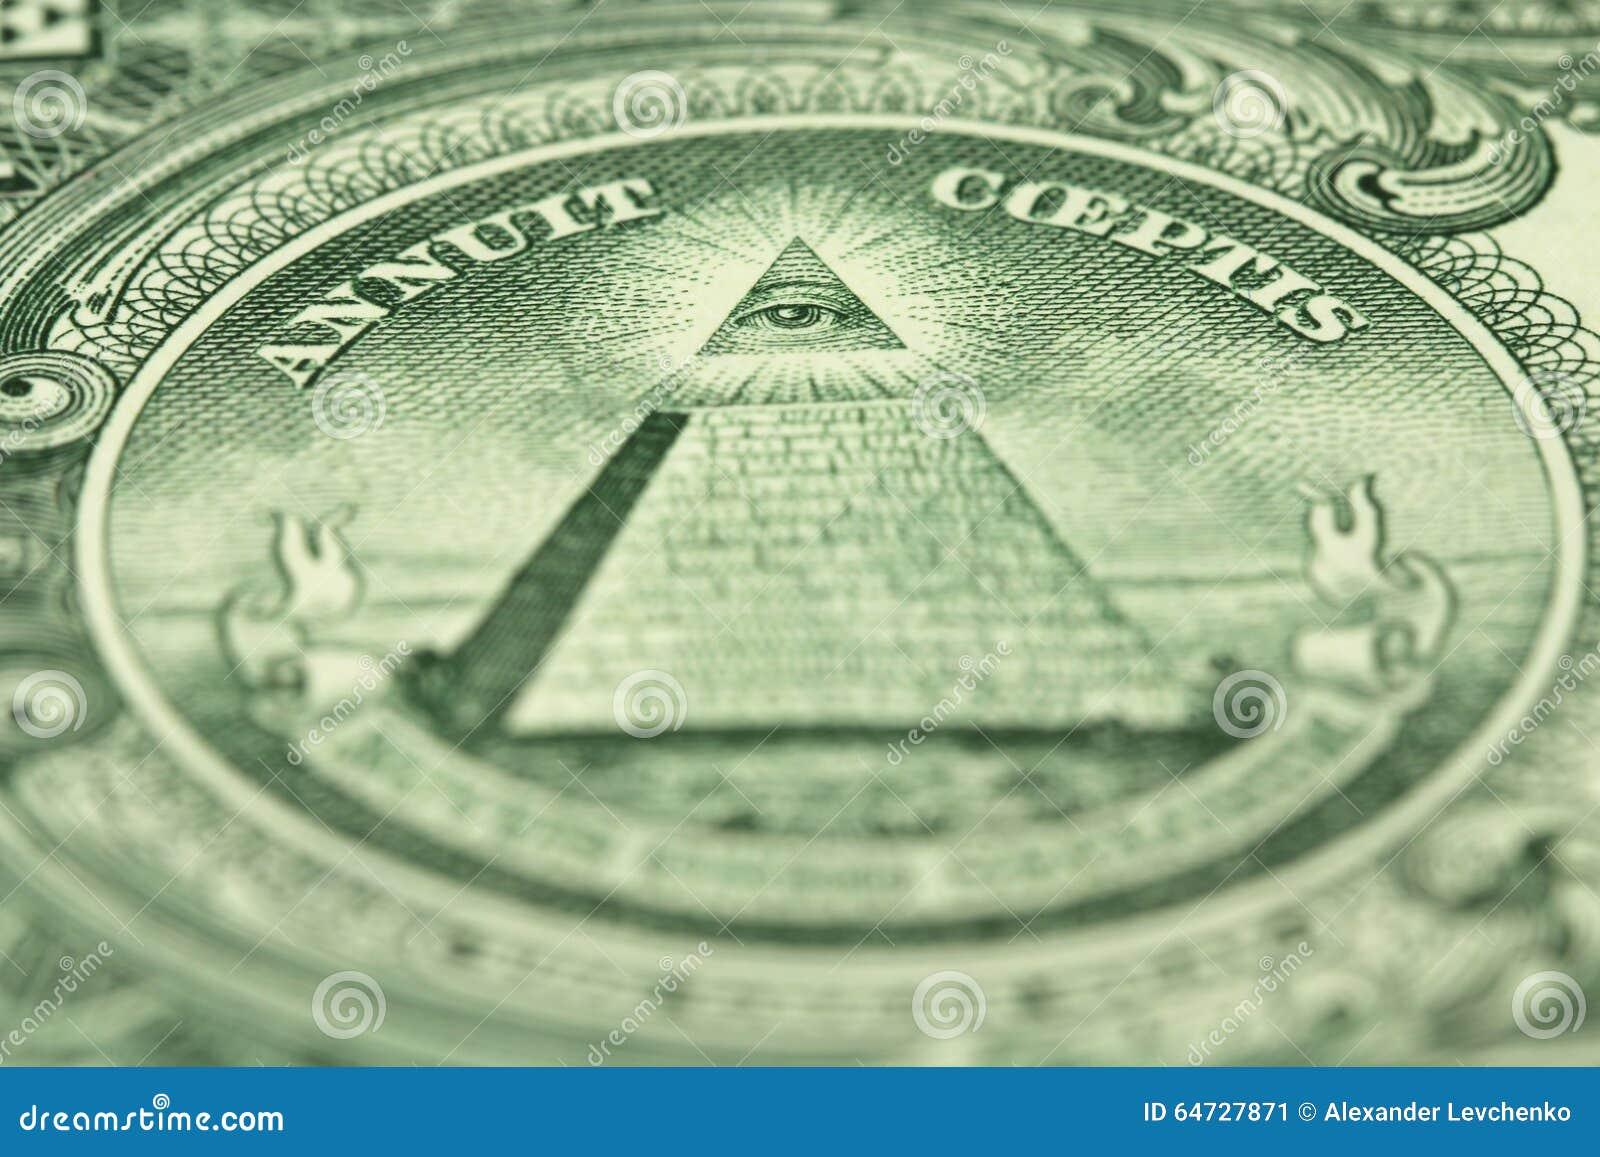 Un frammento di una denominazione di un dollaro americano